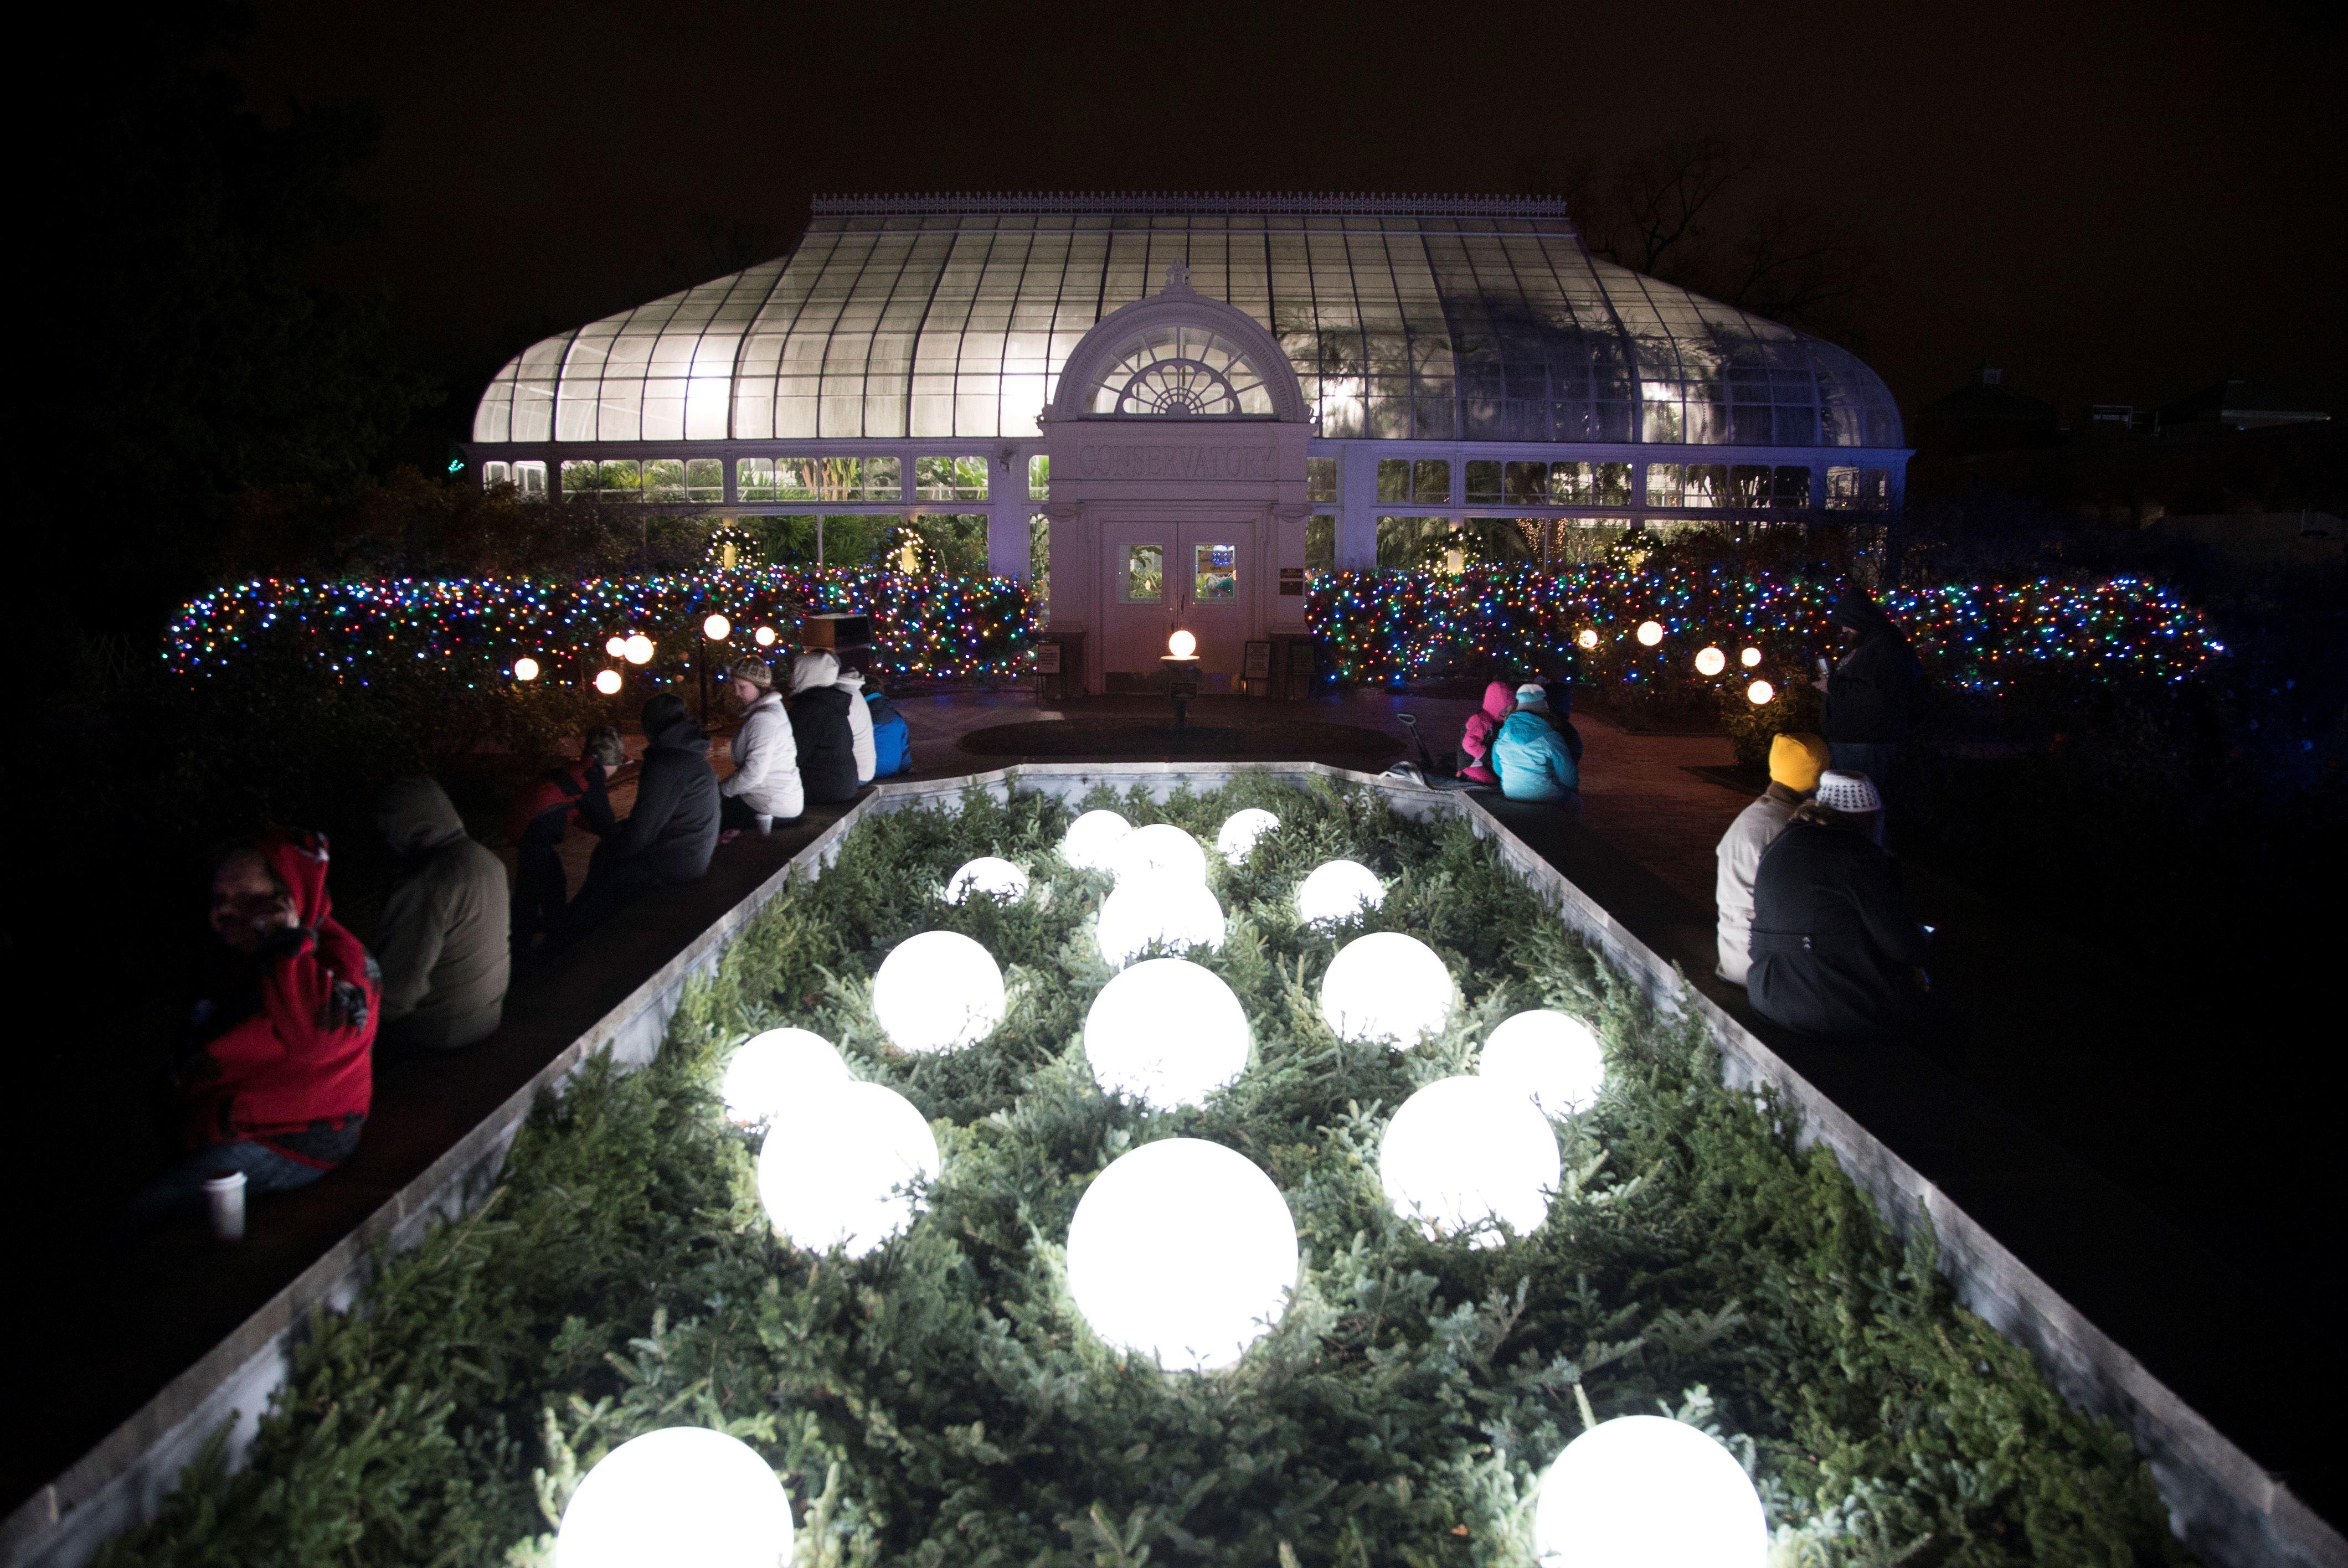 toledo zoo lights before christmas marks 30 years - Toledo Zoo Lights Before Christmas